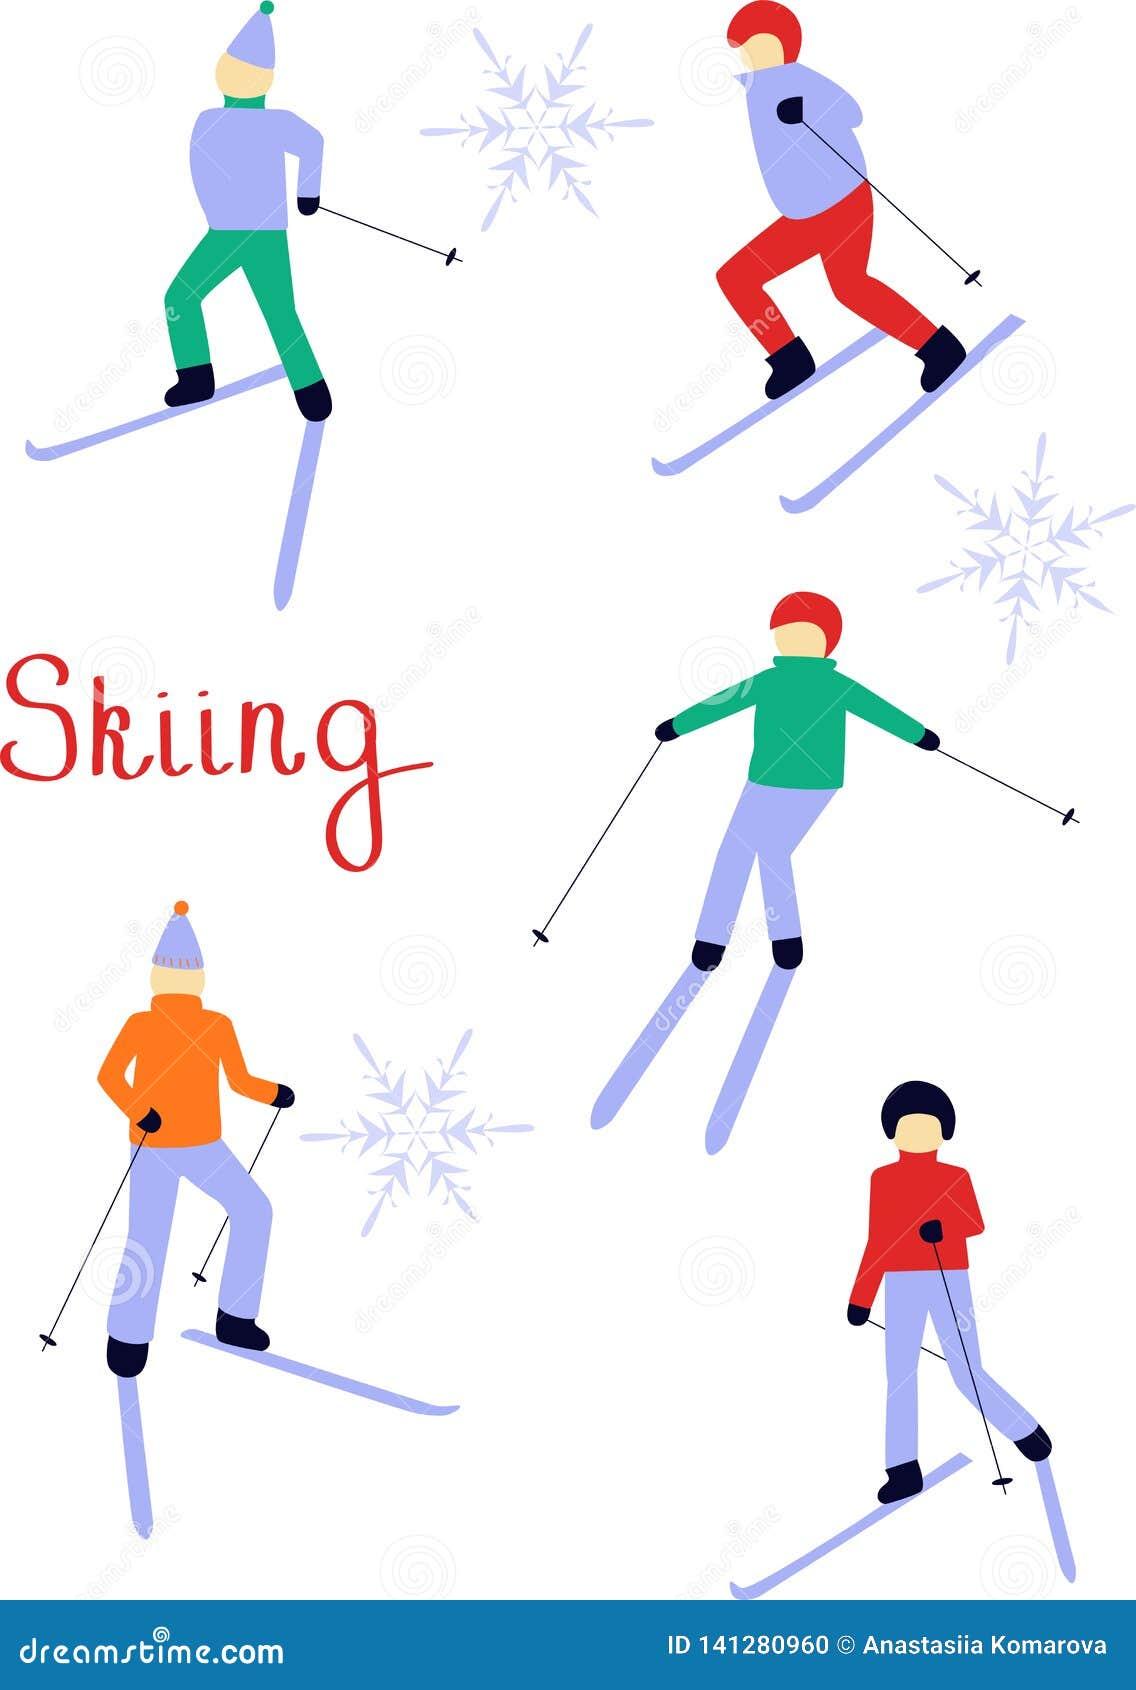 Σχέδιο των κάνοντας σκι ανθρώπων Απεικόνιση Χριστουγέννων Χειμερινός αθλητισμός